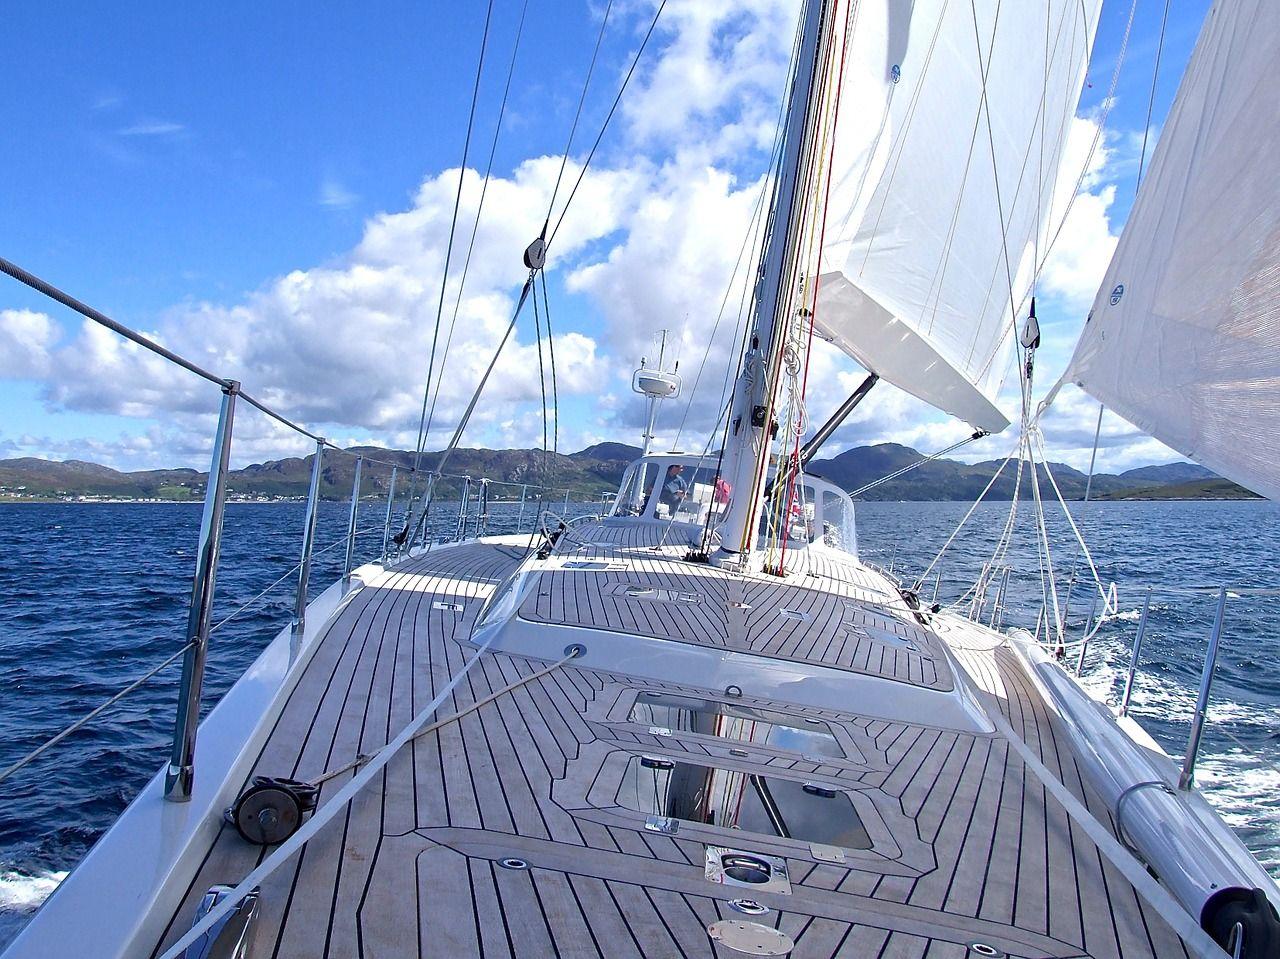 Wakacje na wodzie – jak przygotować do nich jacht?